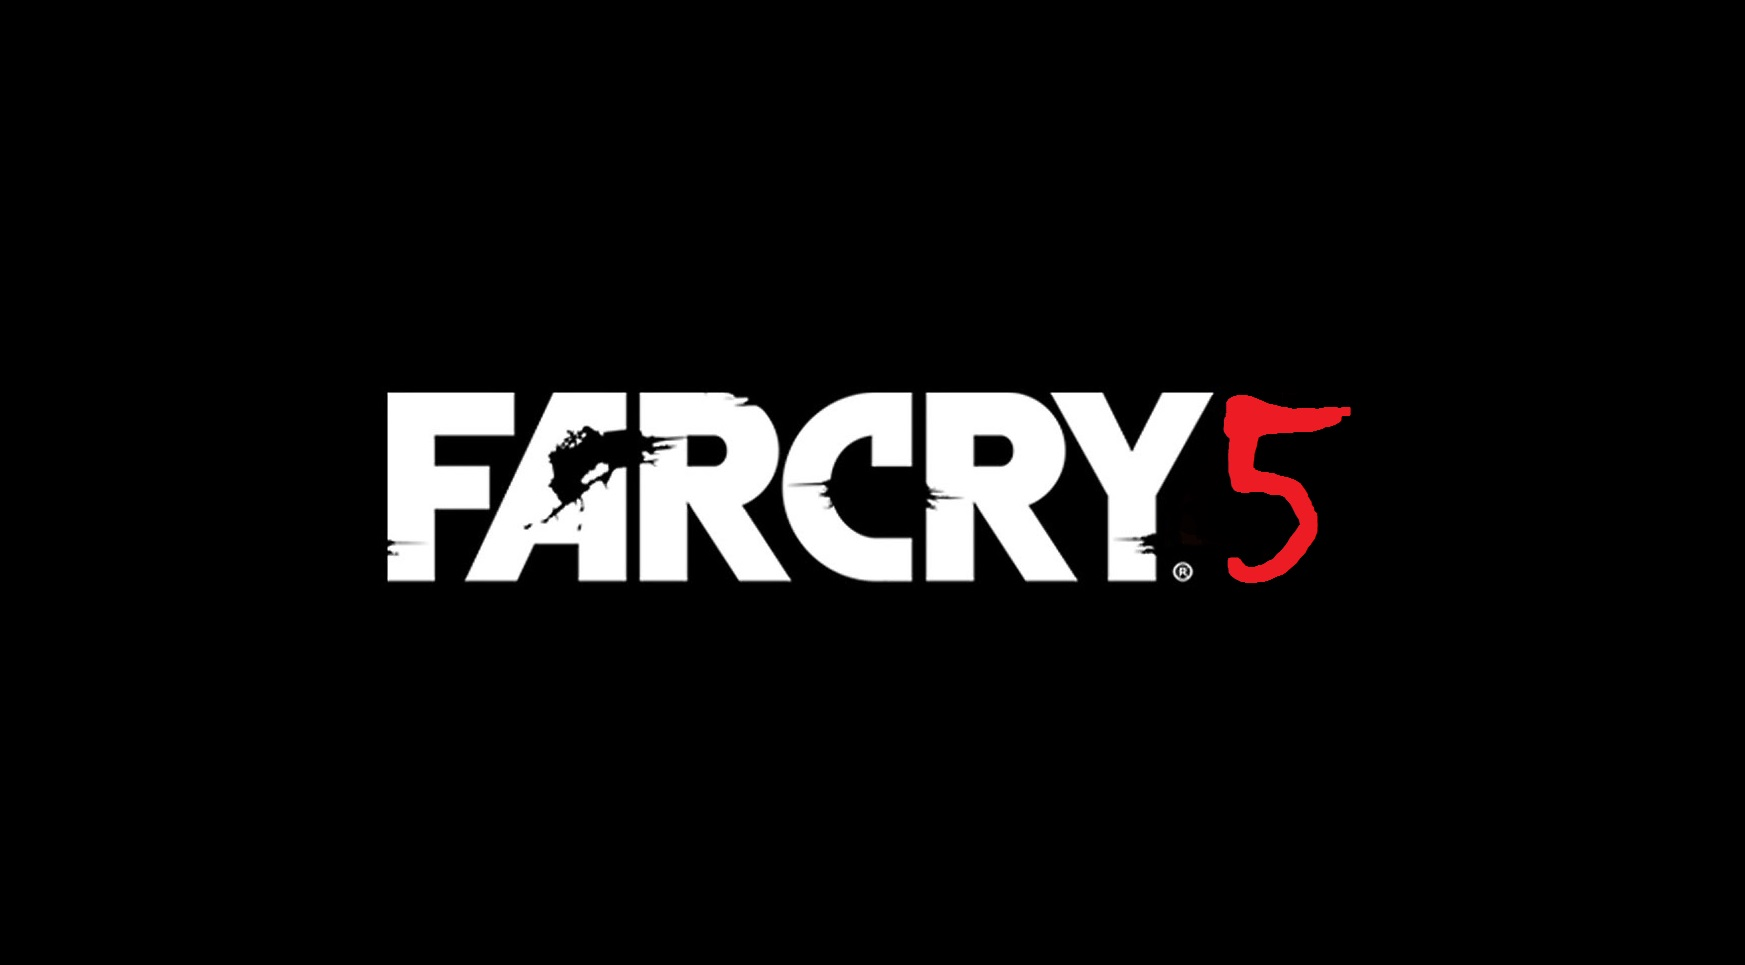 Far Cry 5 recibe su primer tráiler, su presentación mundial será el 26 de mayo